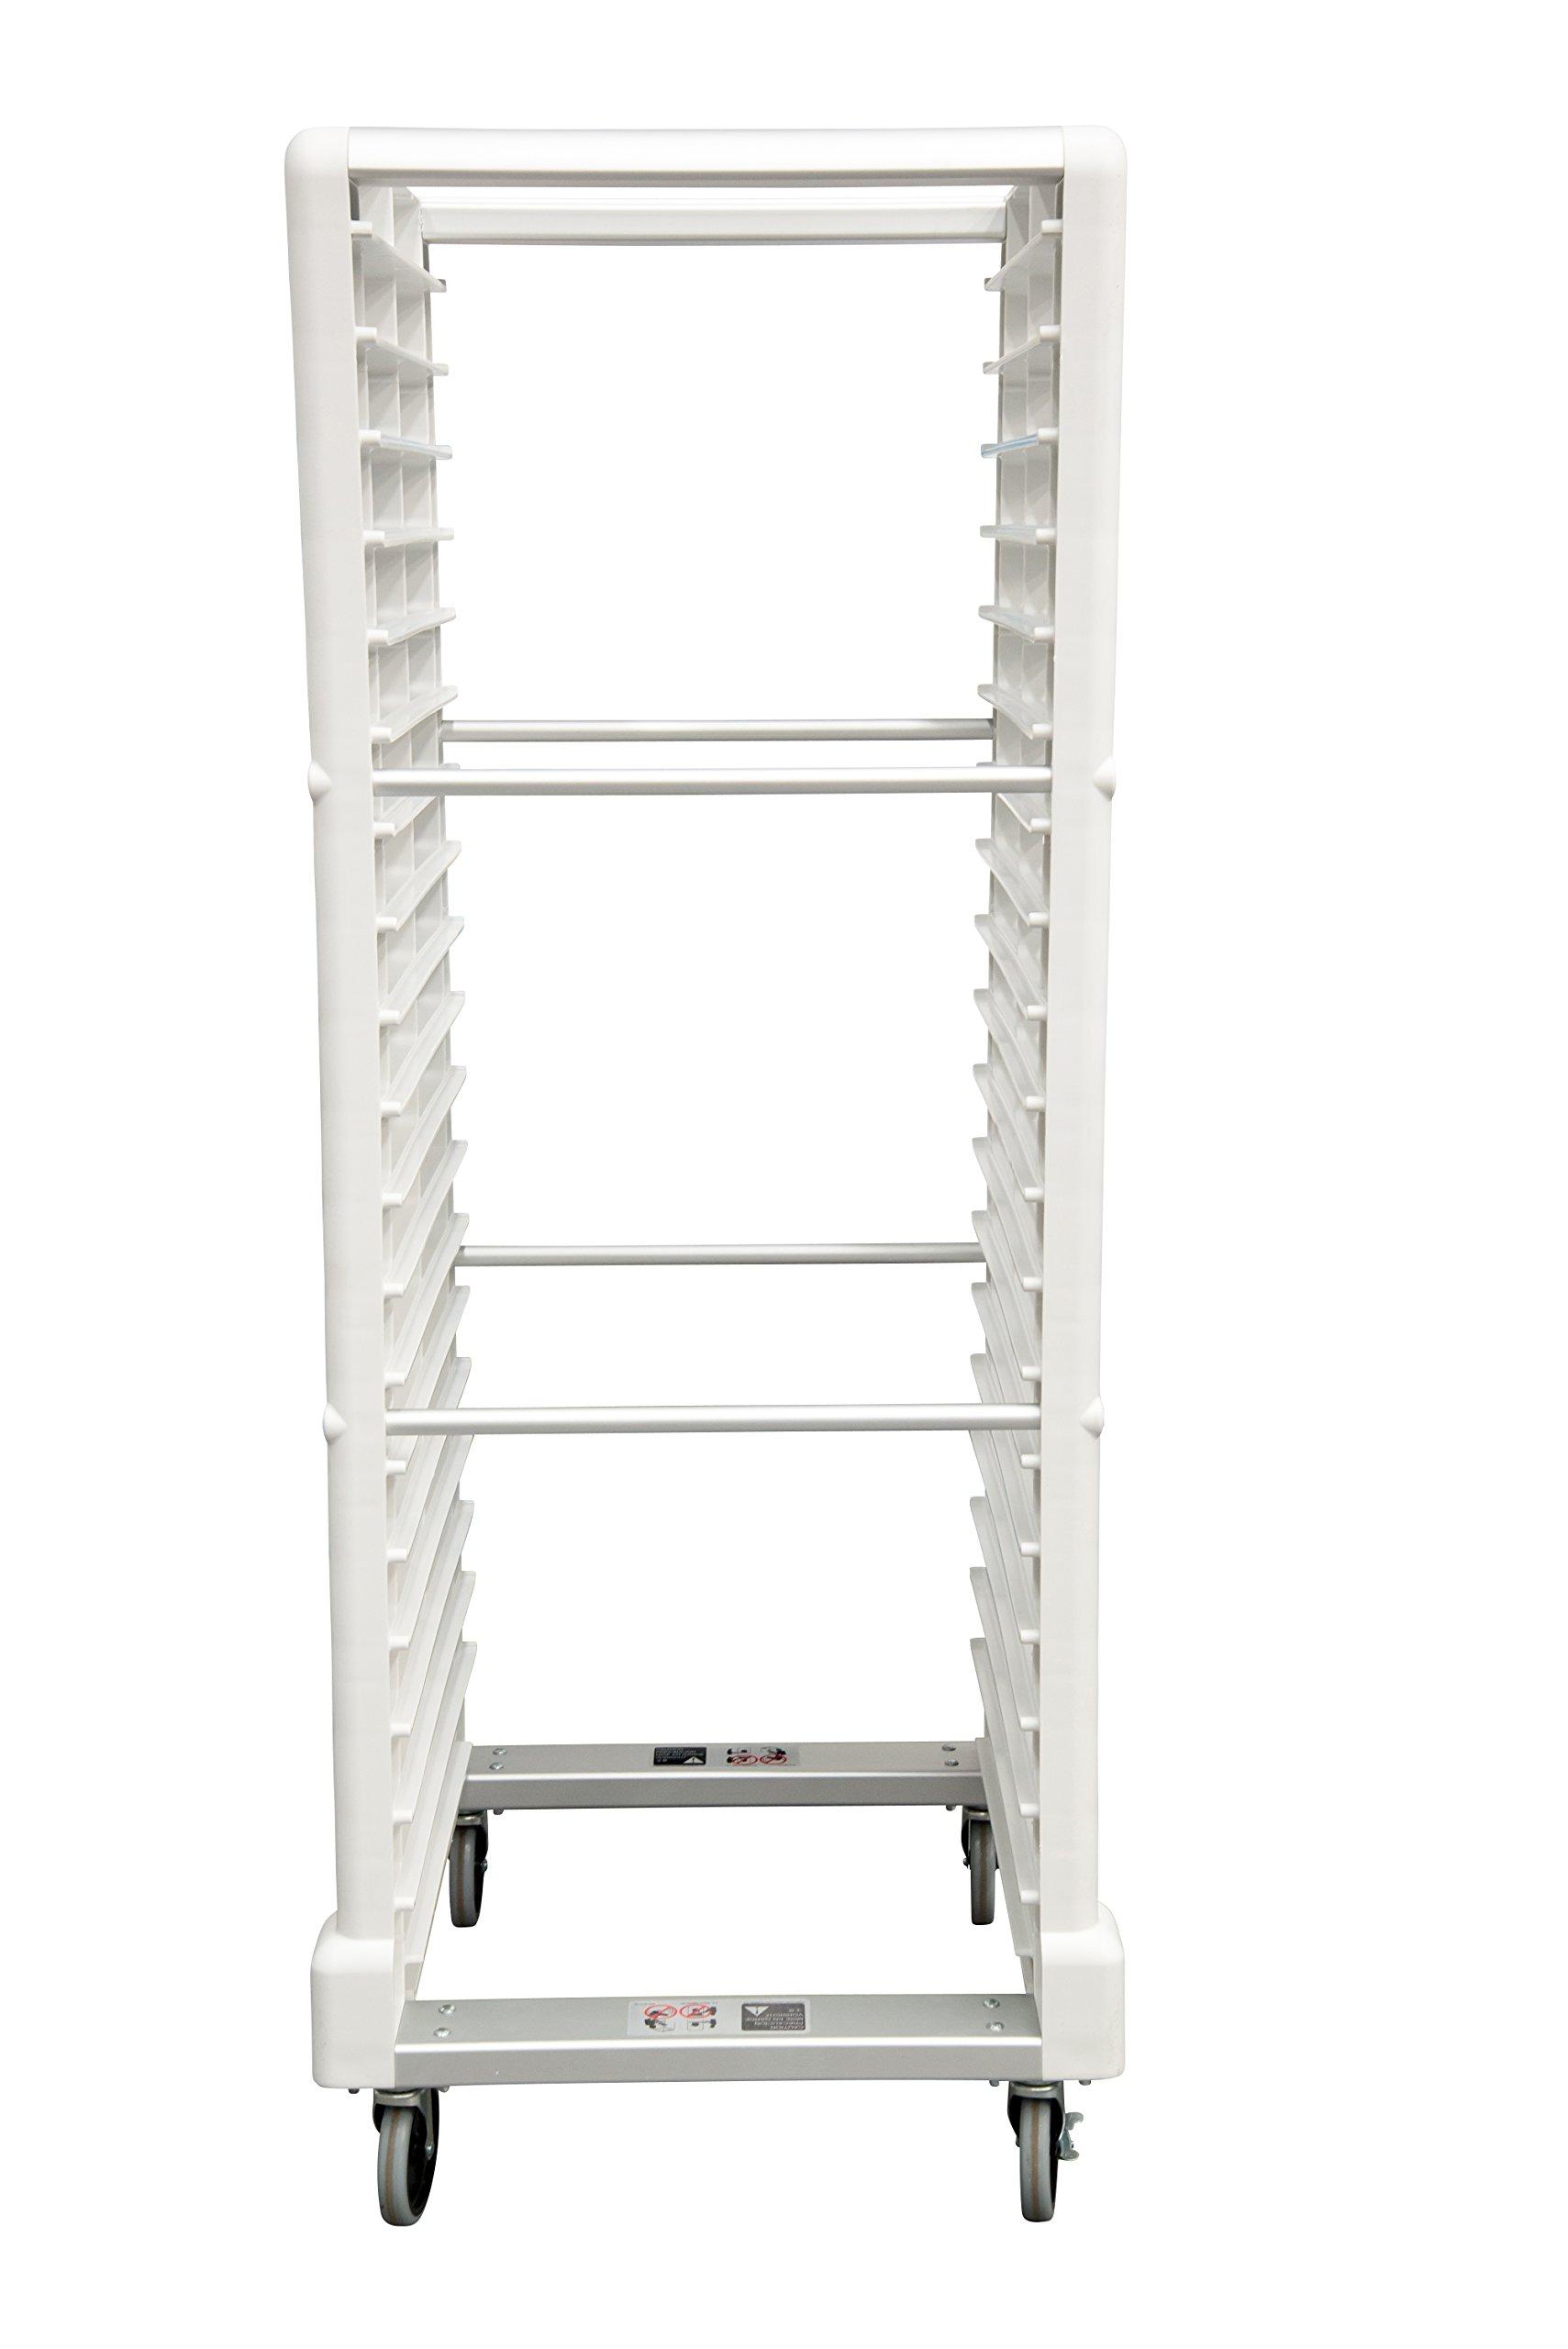 Rubbermaid Commercial ProServe Rack, 18 Slot, White